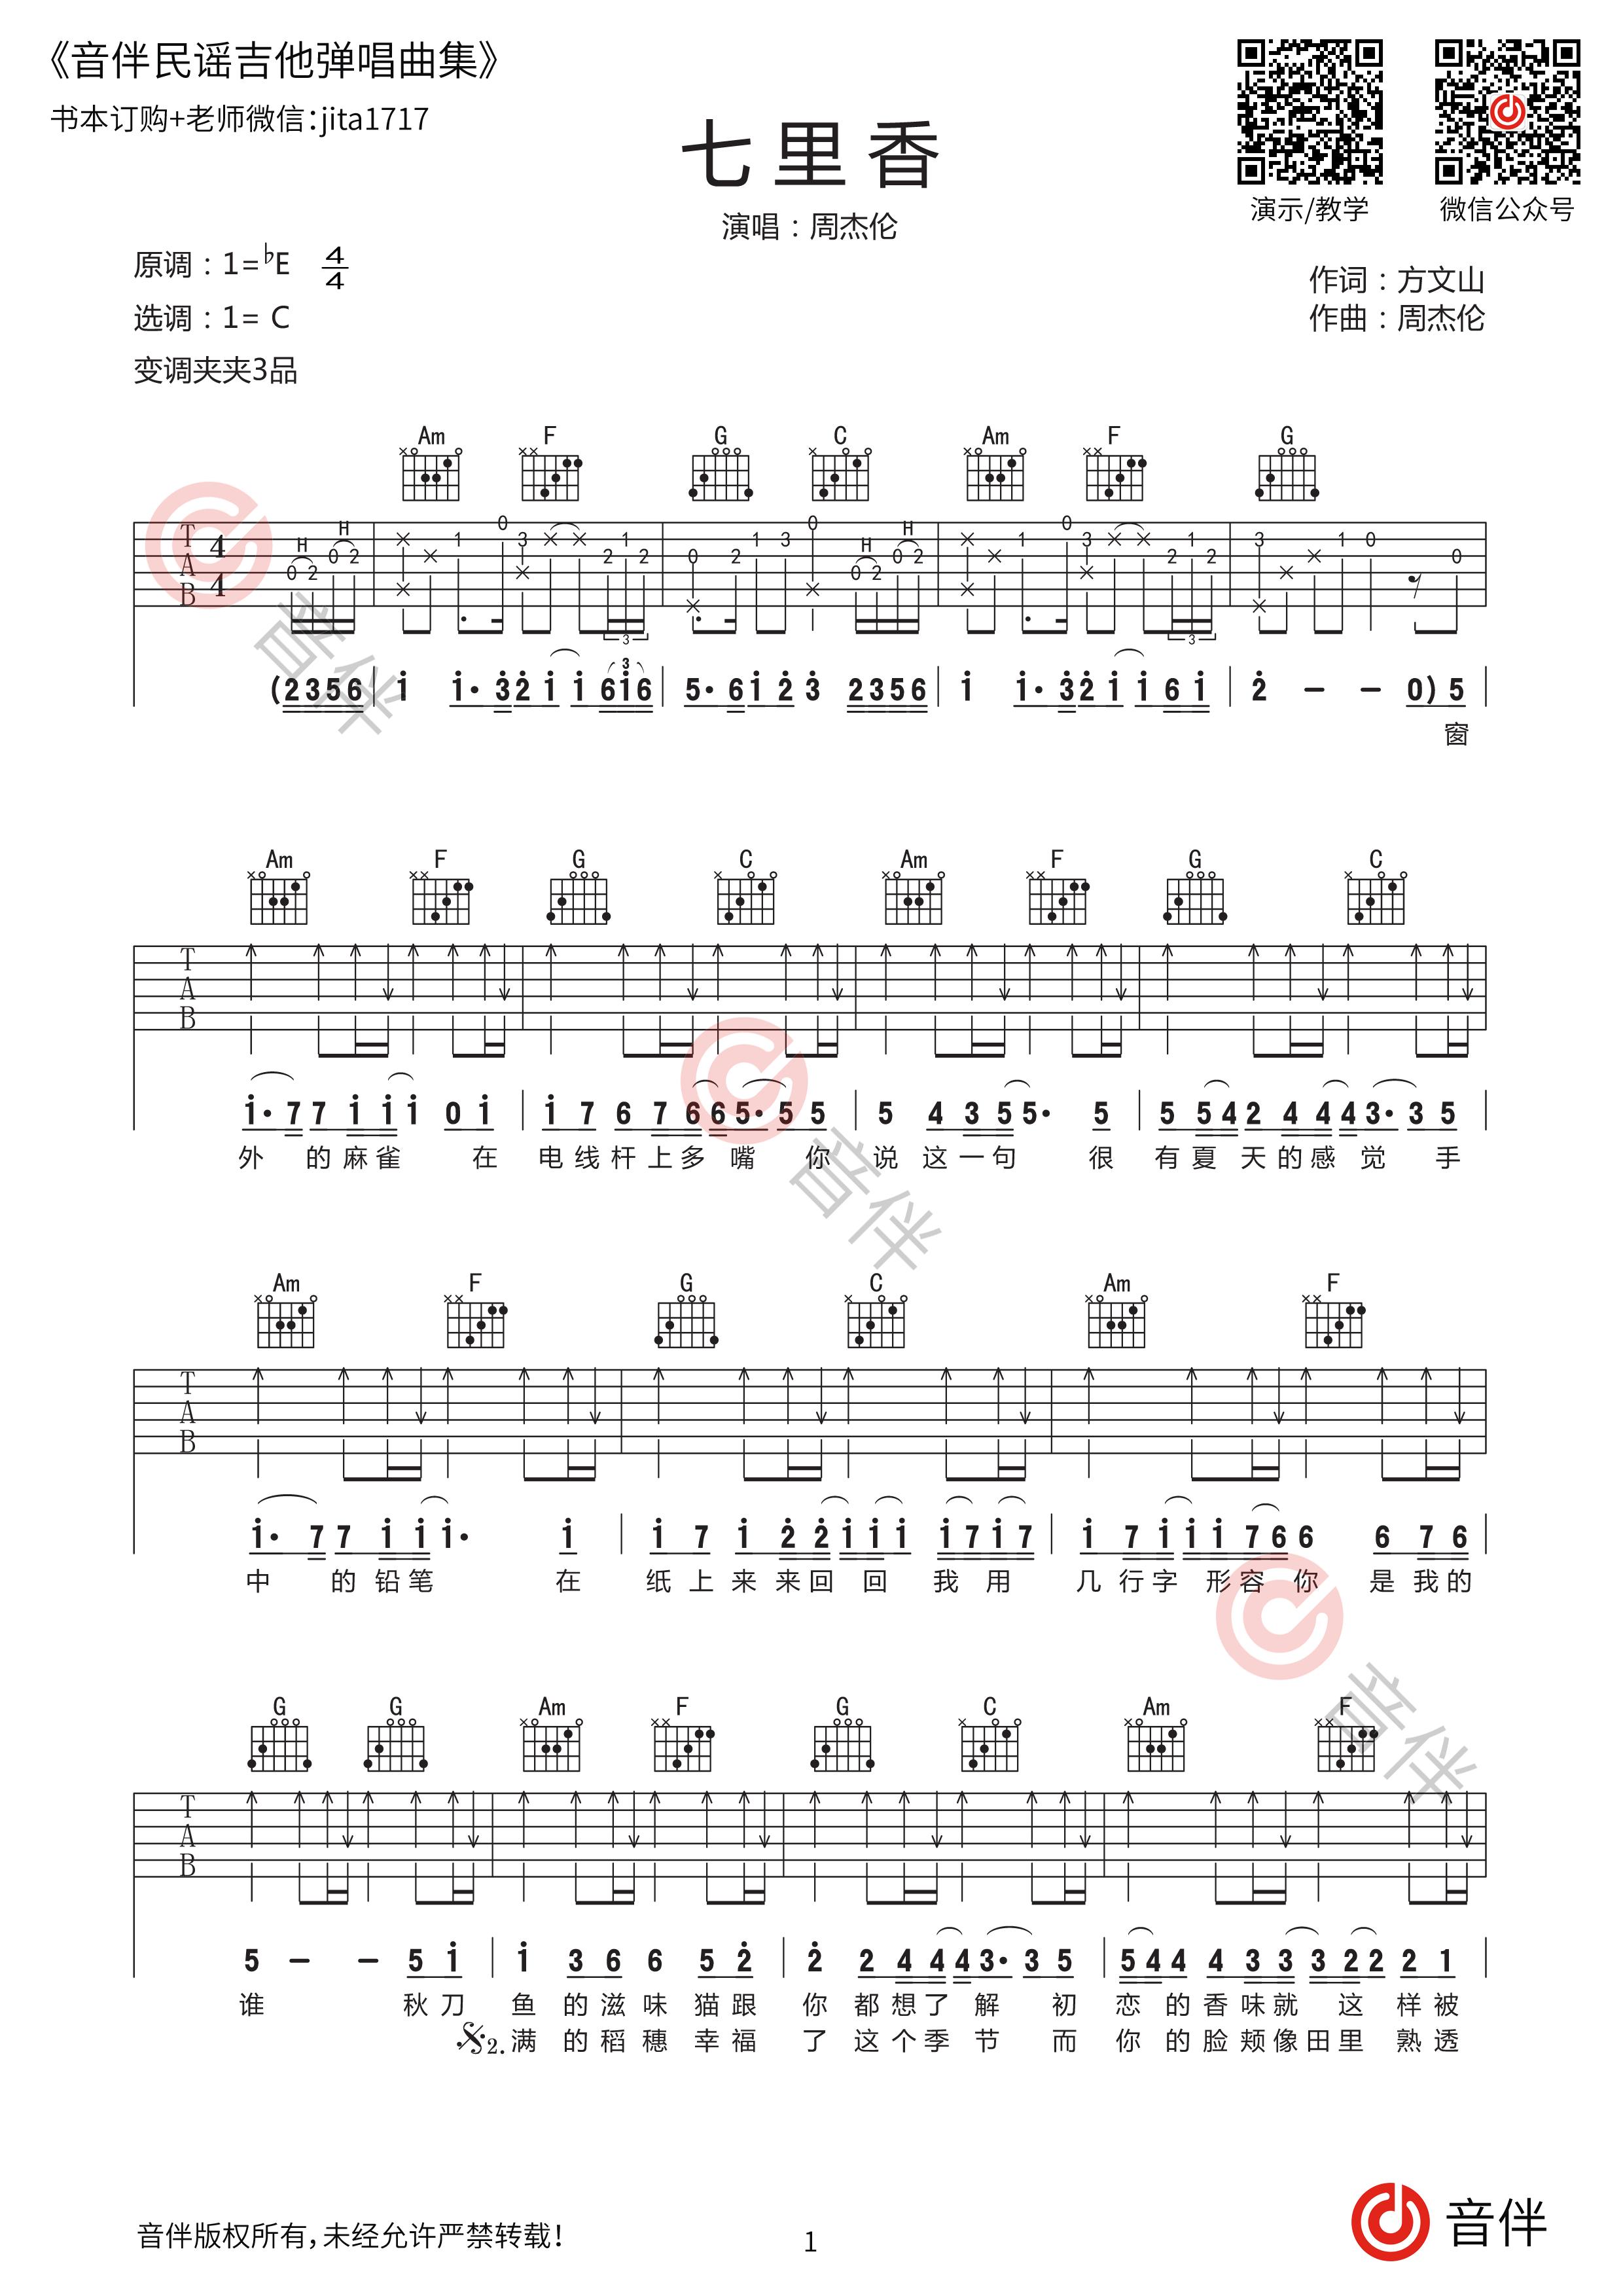 七里香吉他谱1